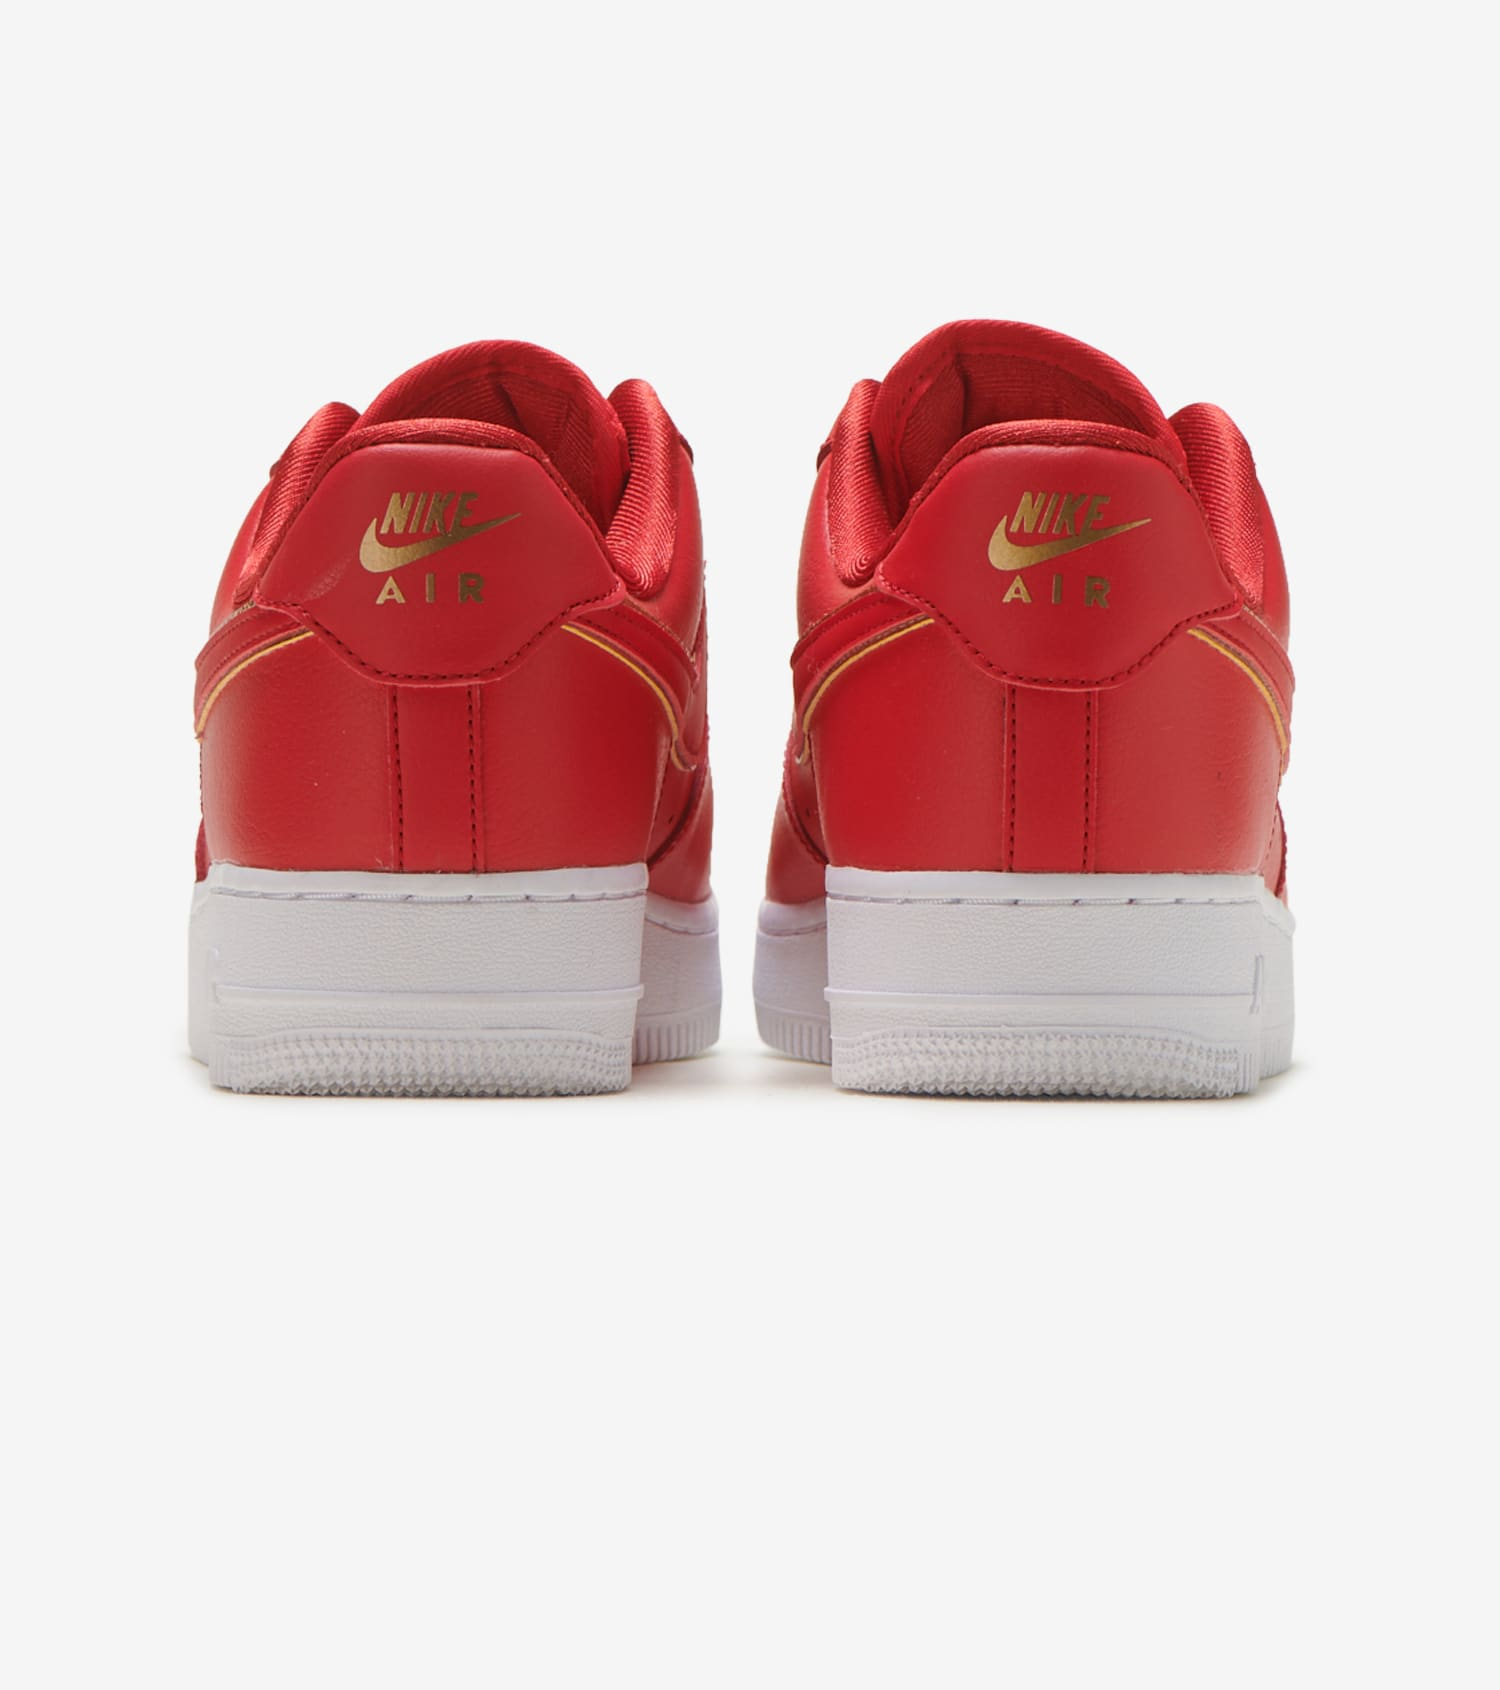 NIKE 'Air Force 1 07 Essential' Sneakers